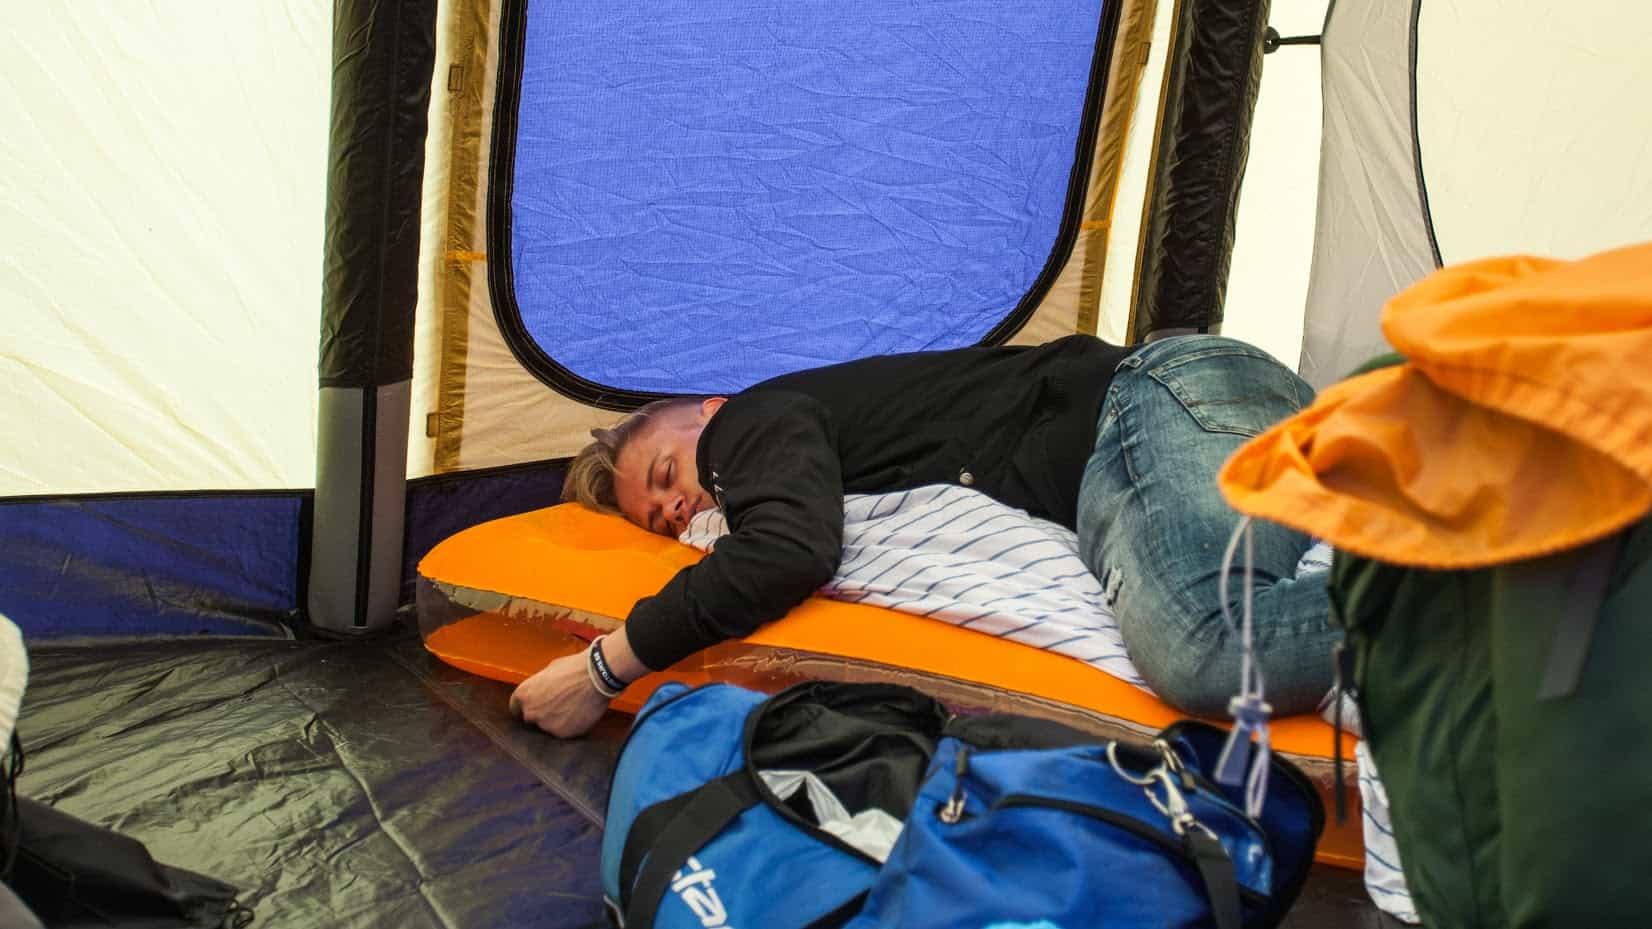 Sömnig i tältet